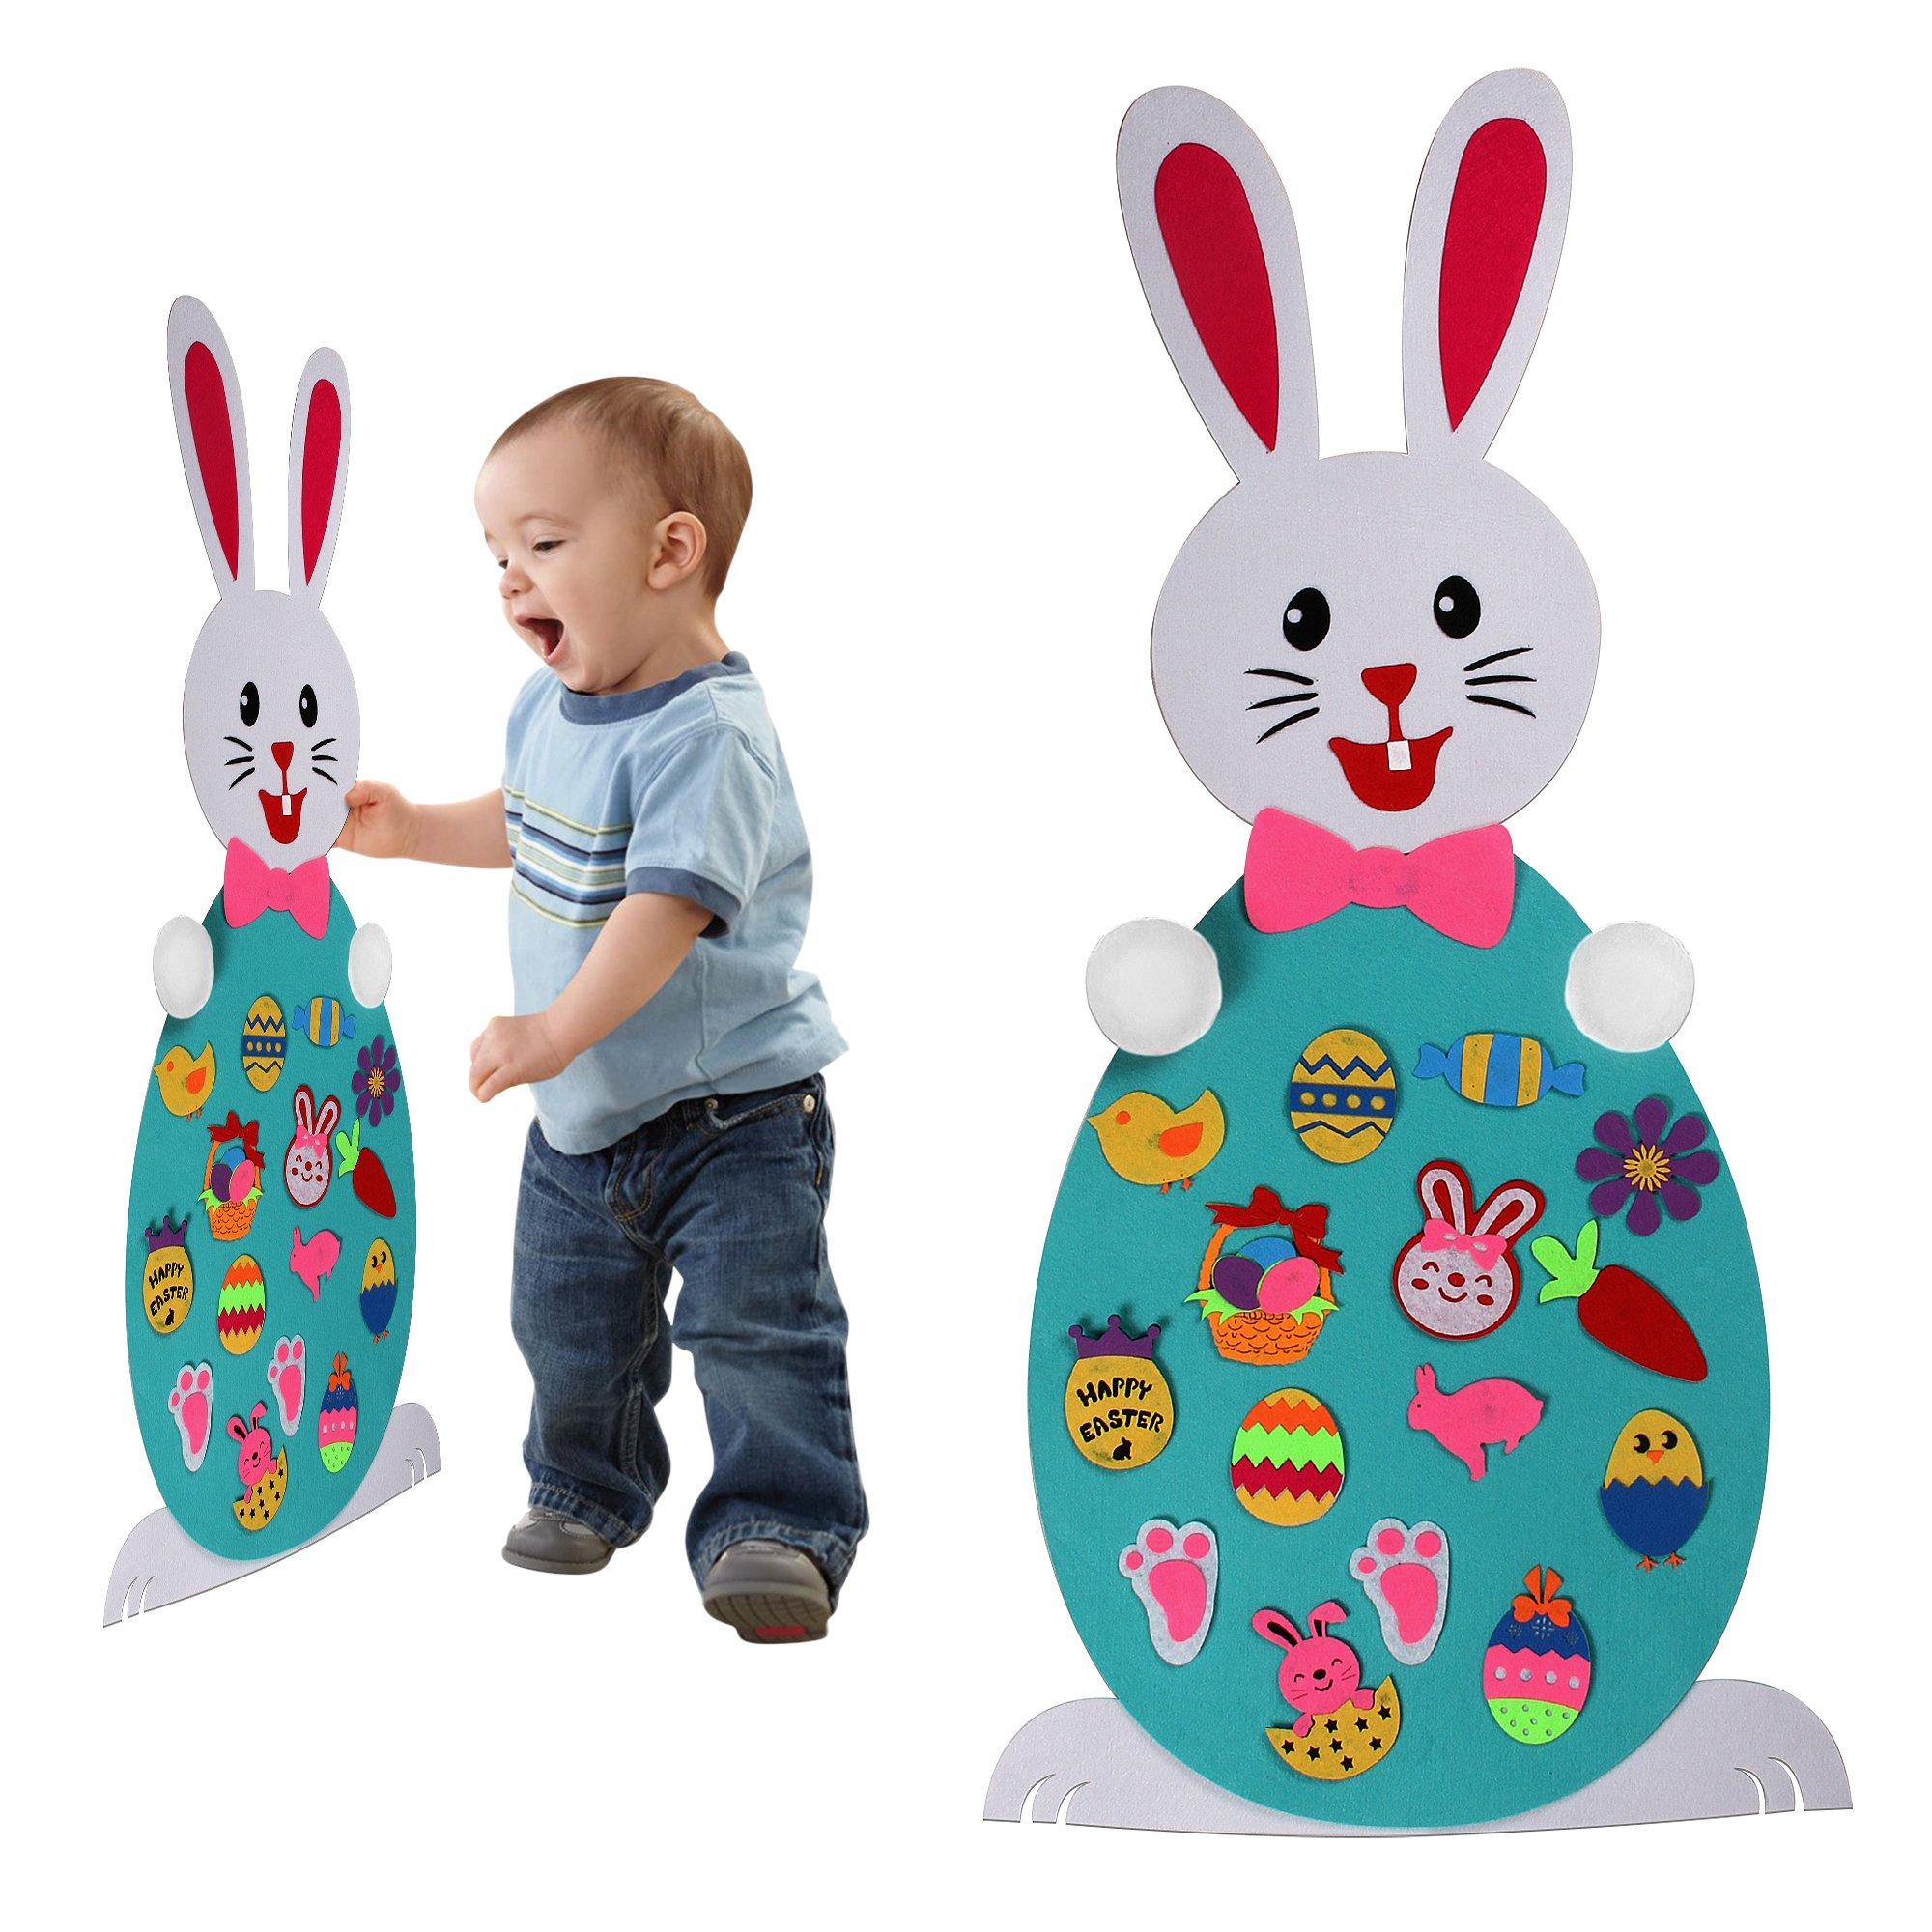 Buy Diy Easter Now!